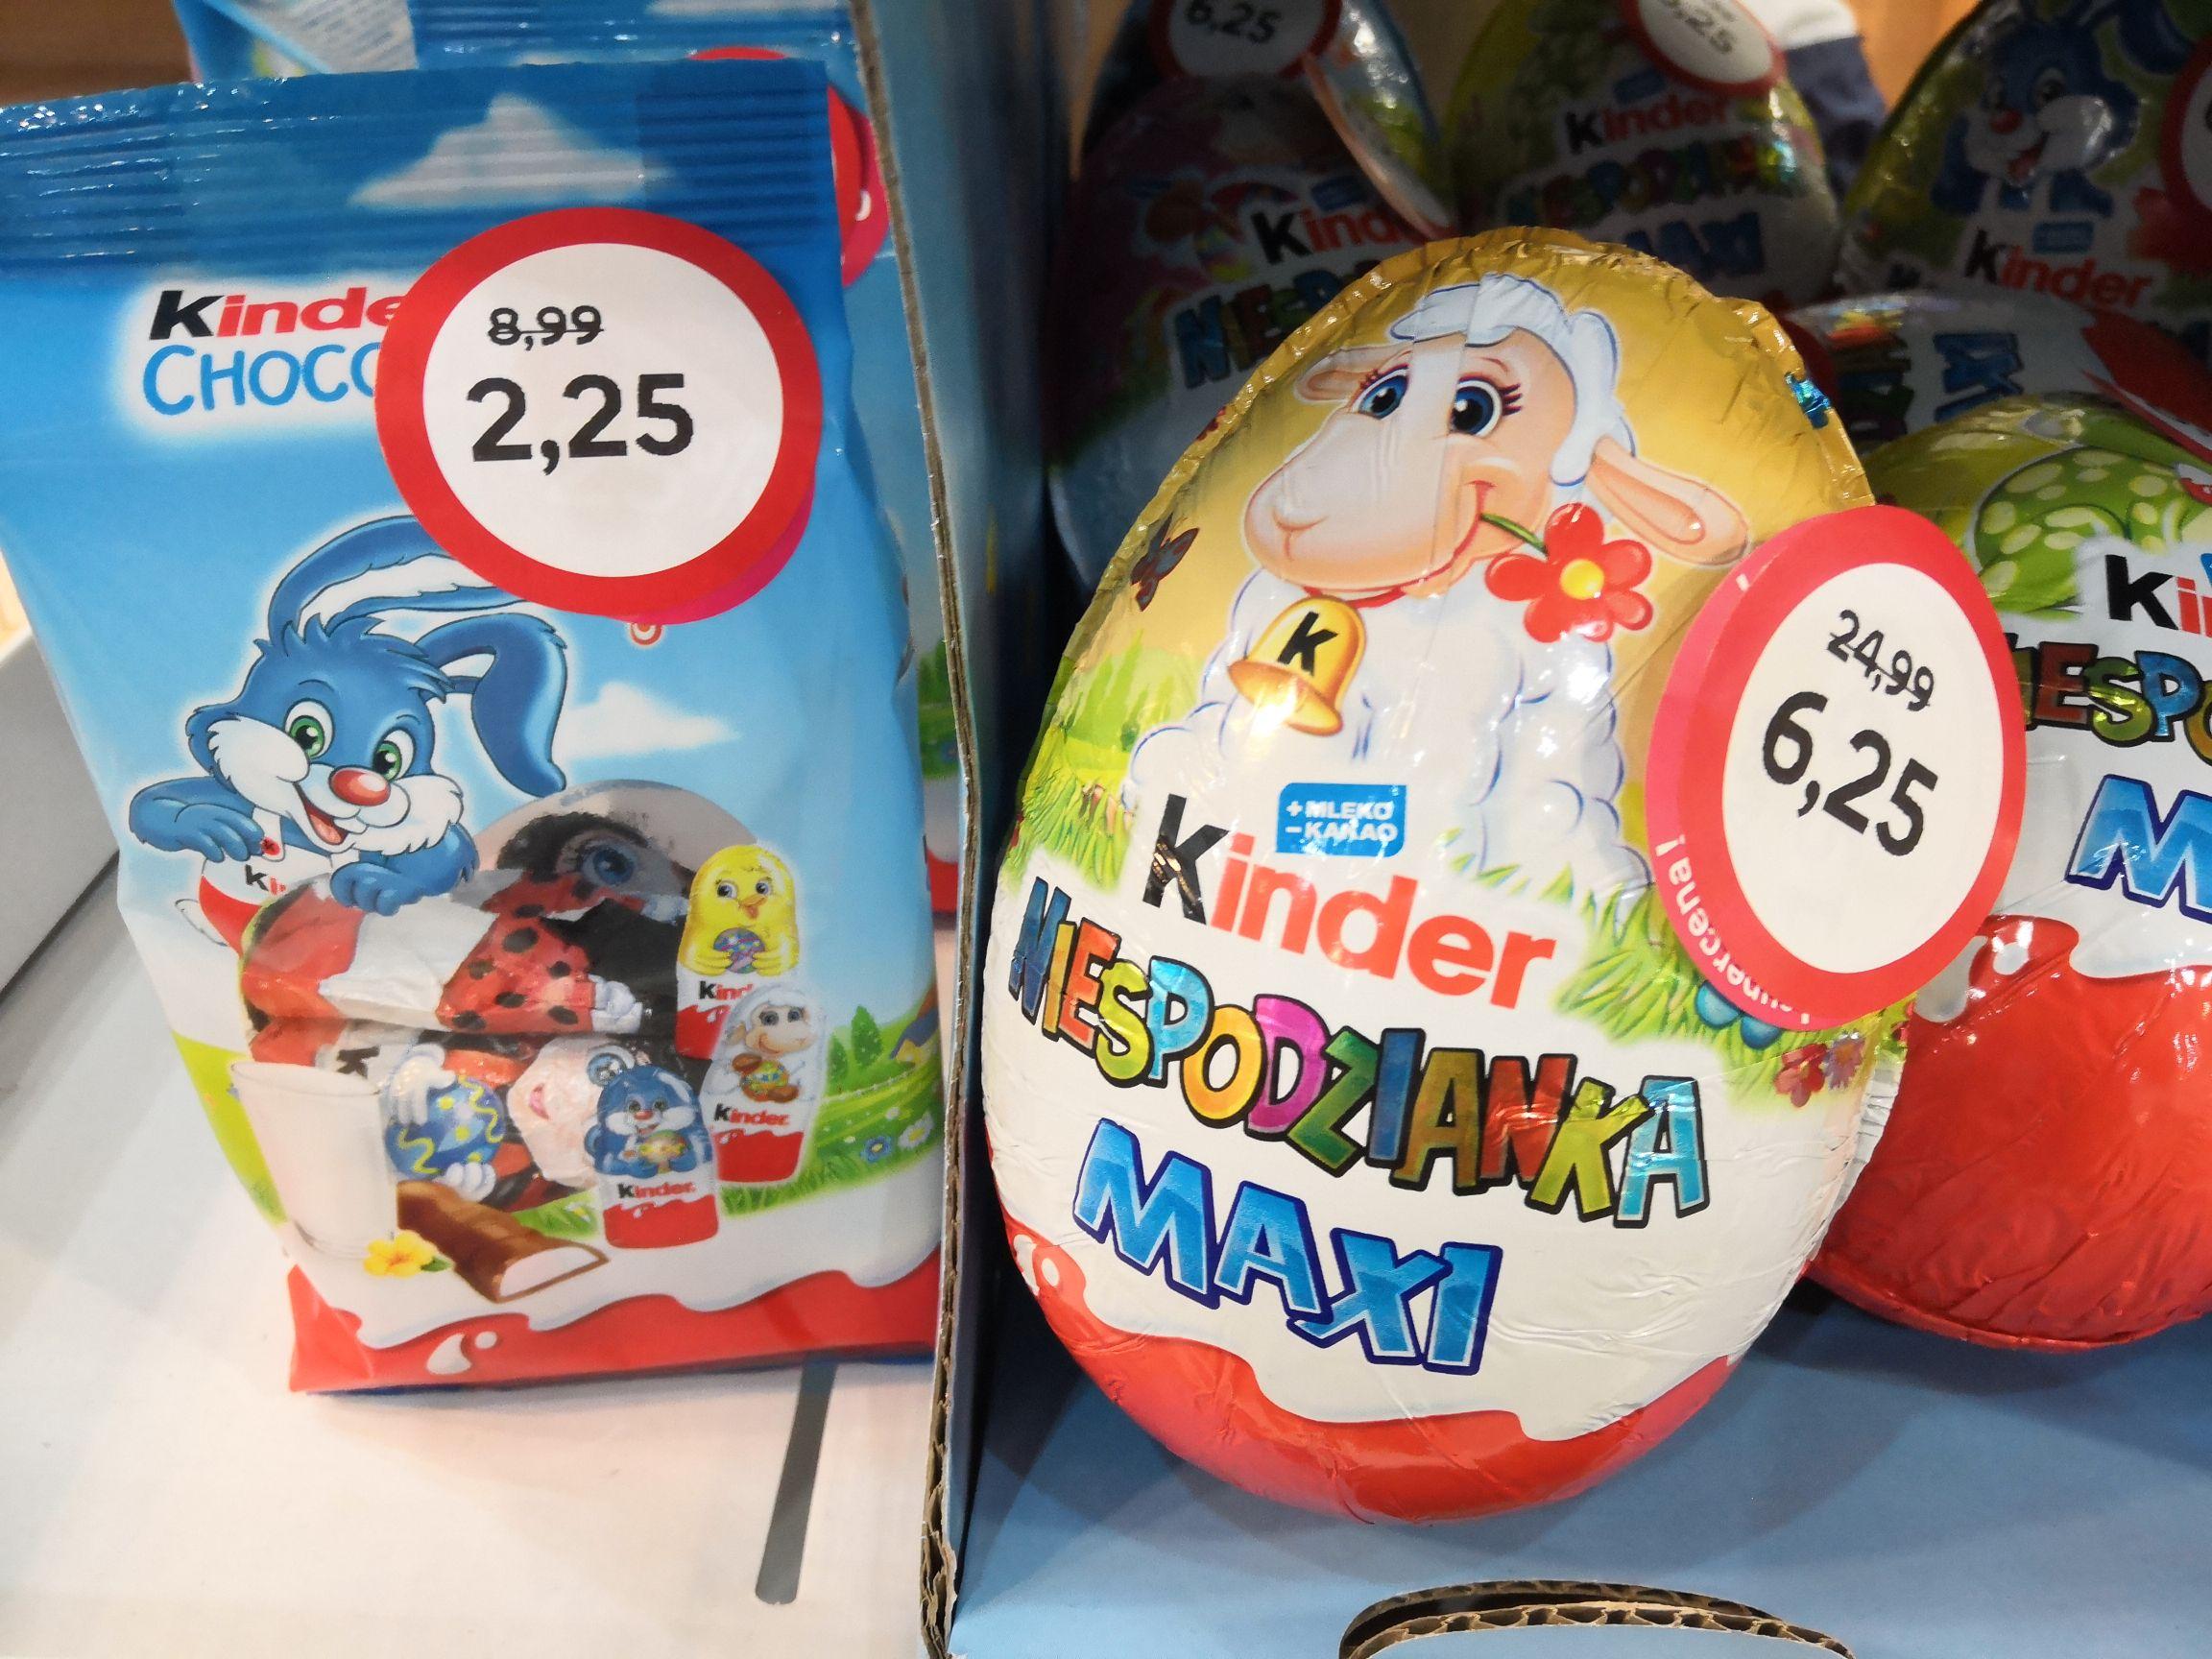 Empik - Duża Kinder Niespodzianka i mini czekoladki :)